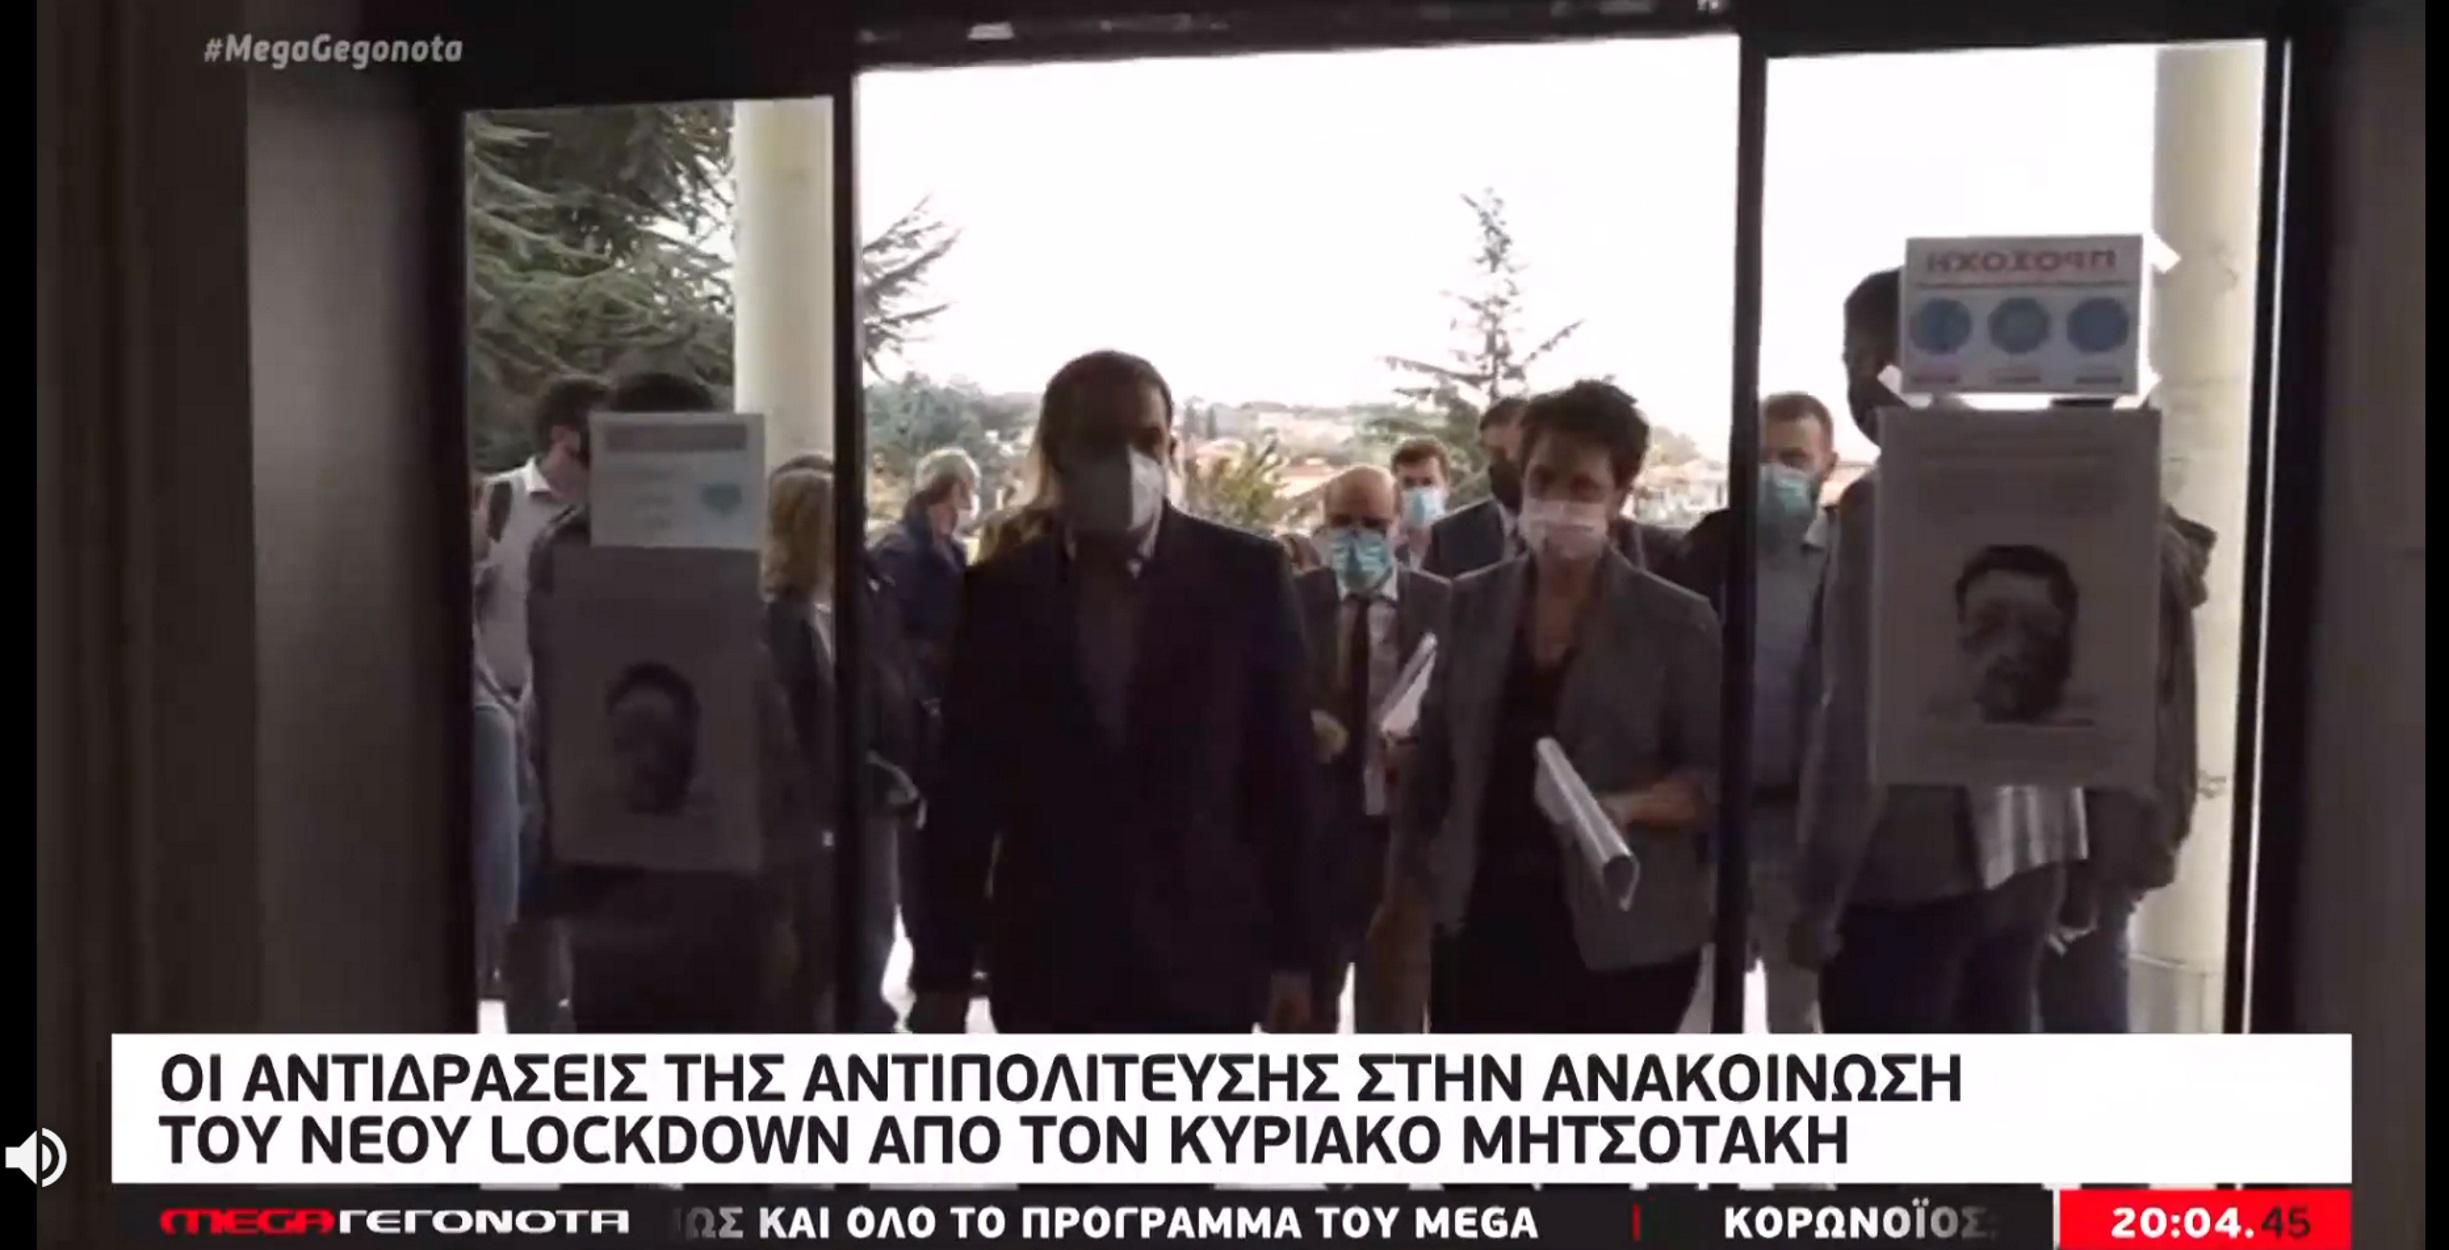 Lockdown: Συντονισμένα πυρά κατά Μητσοτάκη από την αντιπολίτευση – Πως είδαν το διάγγελμα στα καφενεία (video)